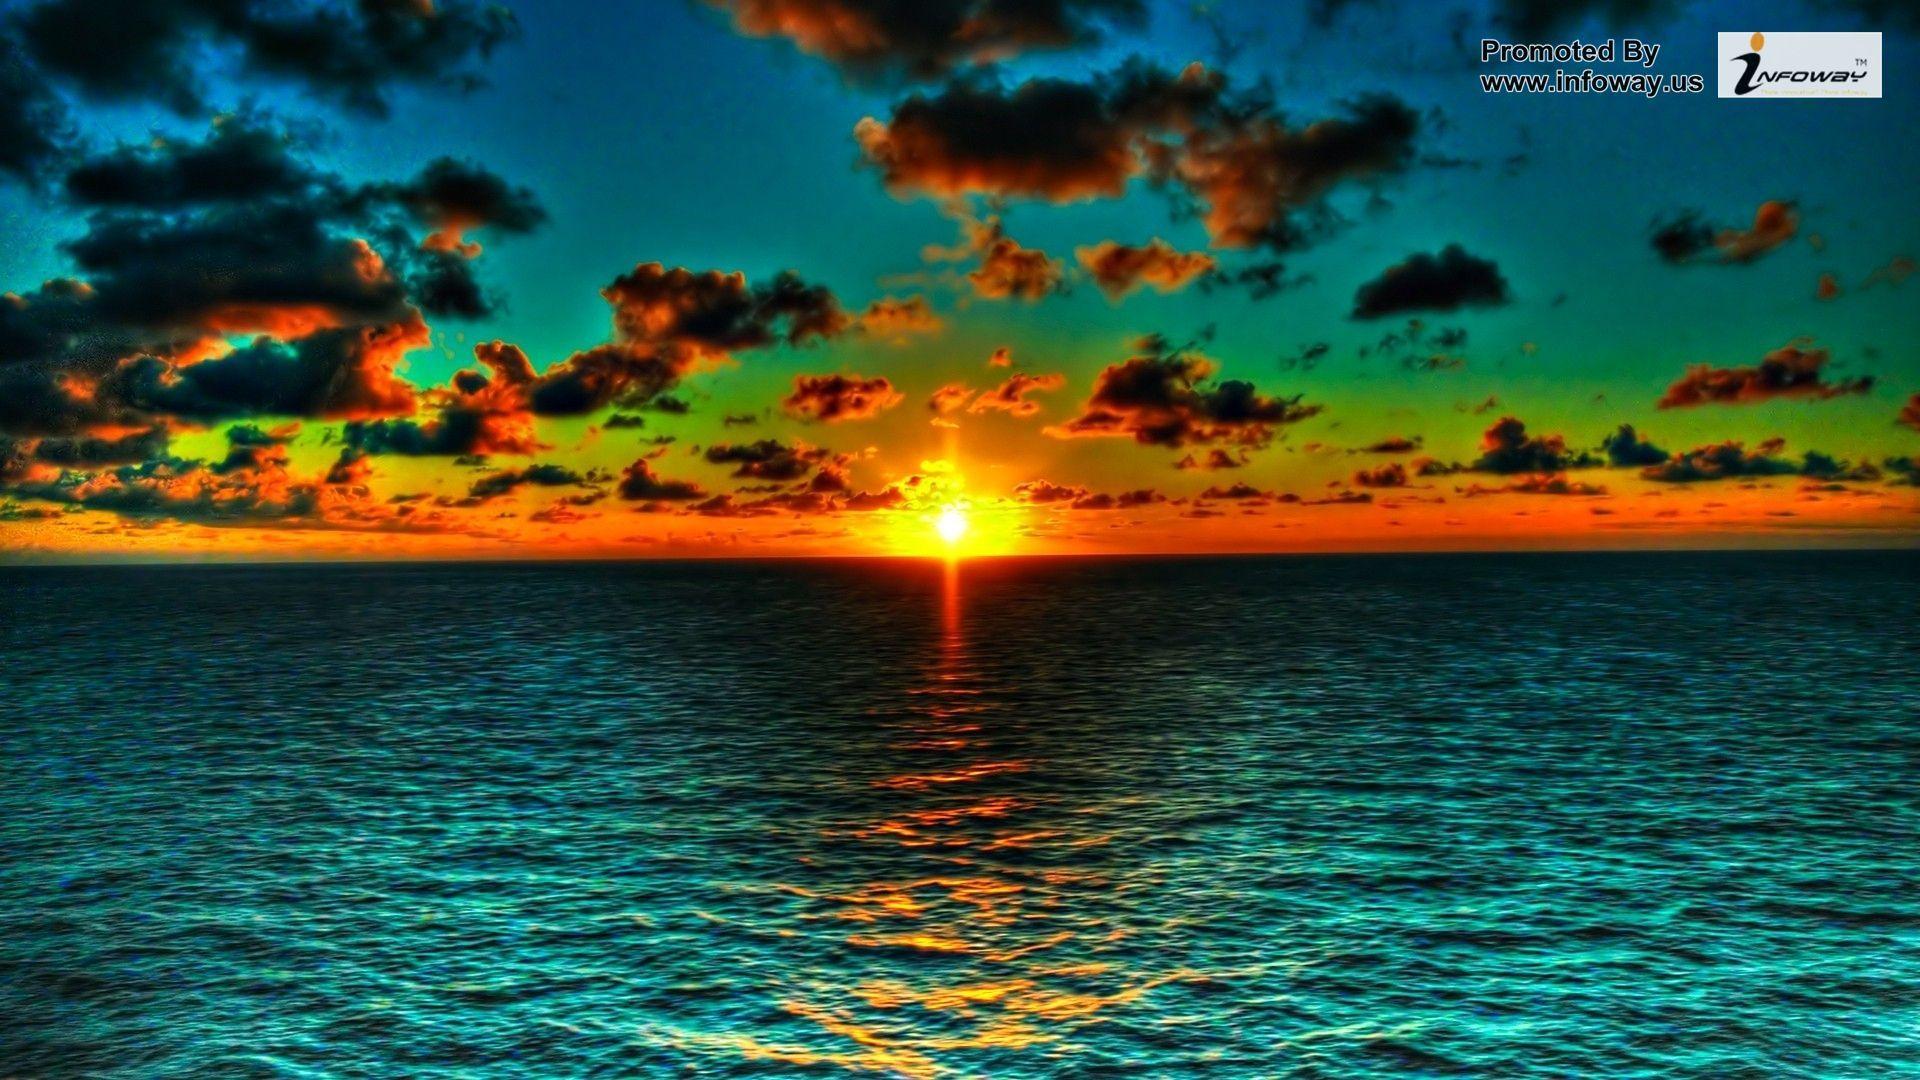 Beautiful Ocean Waves Photo 156 Of 274 Phombo Com Sunset Wallpaper Beautiful Sunset Ocean Sunset